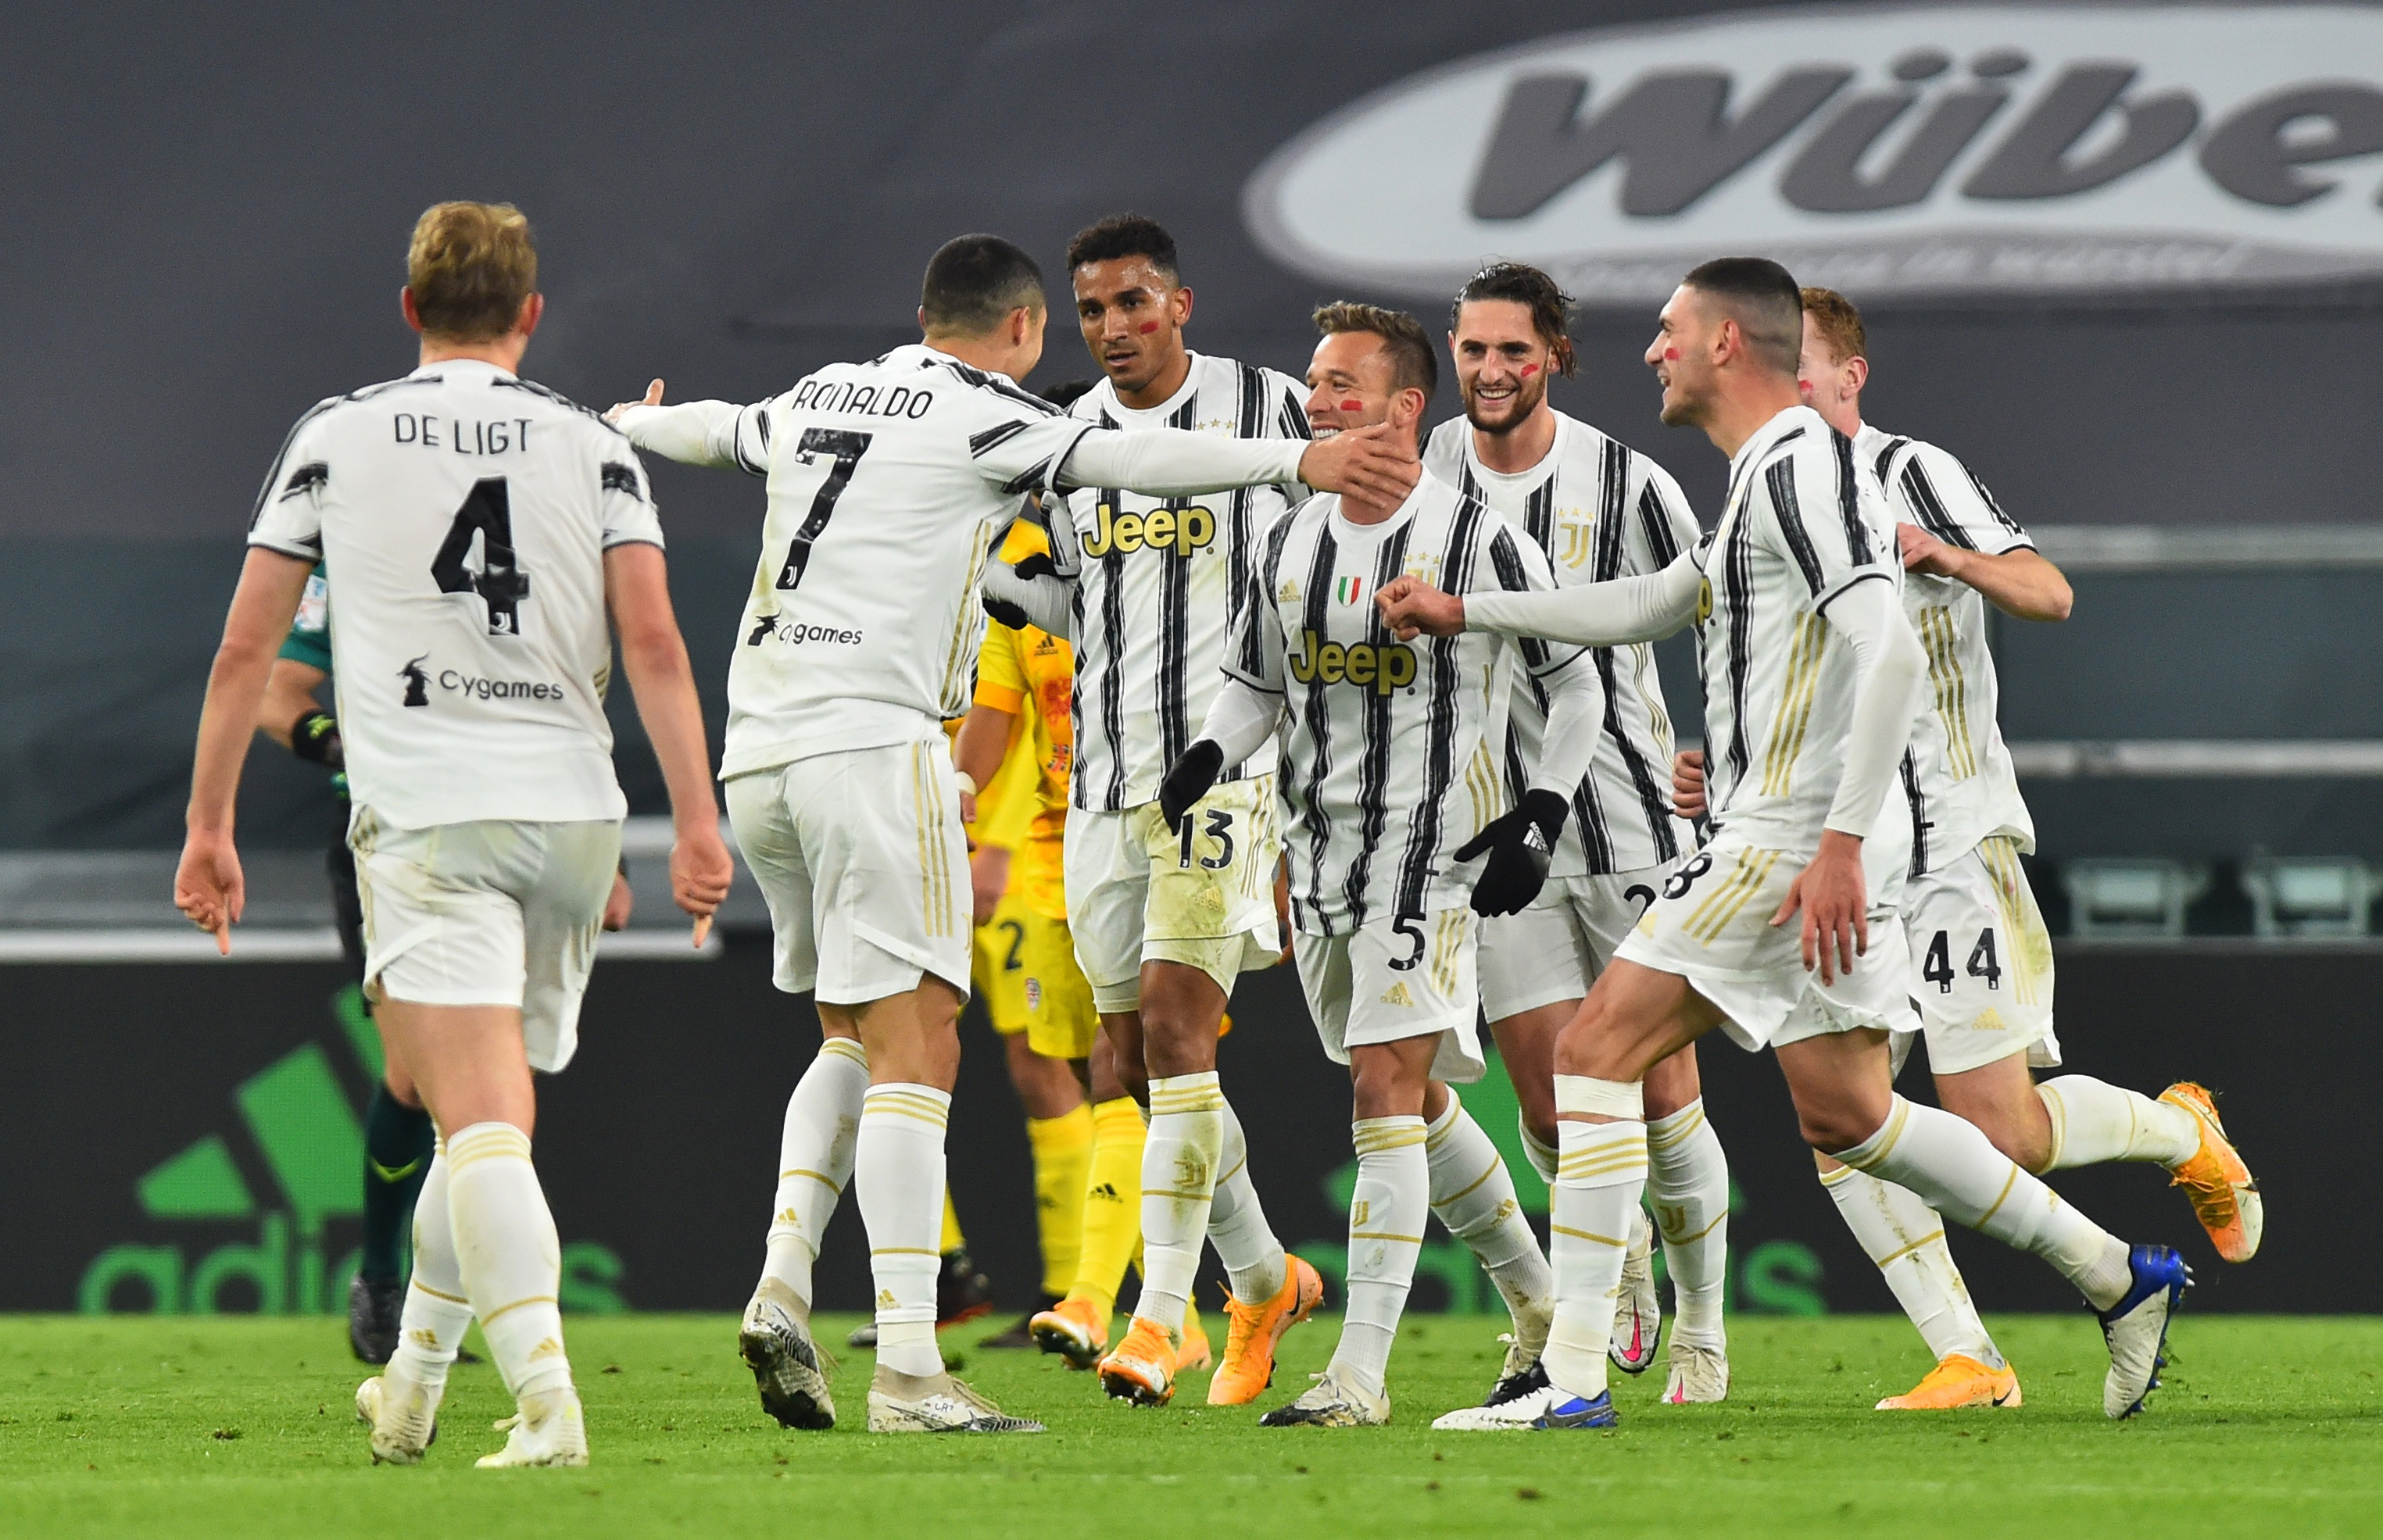 Juventus' Cristiano Ronaldo celebrates scoring their first goal with teammates. Photo: Reuters